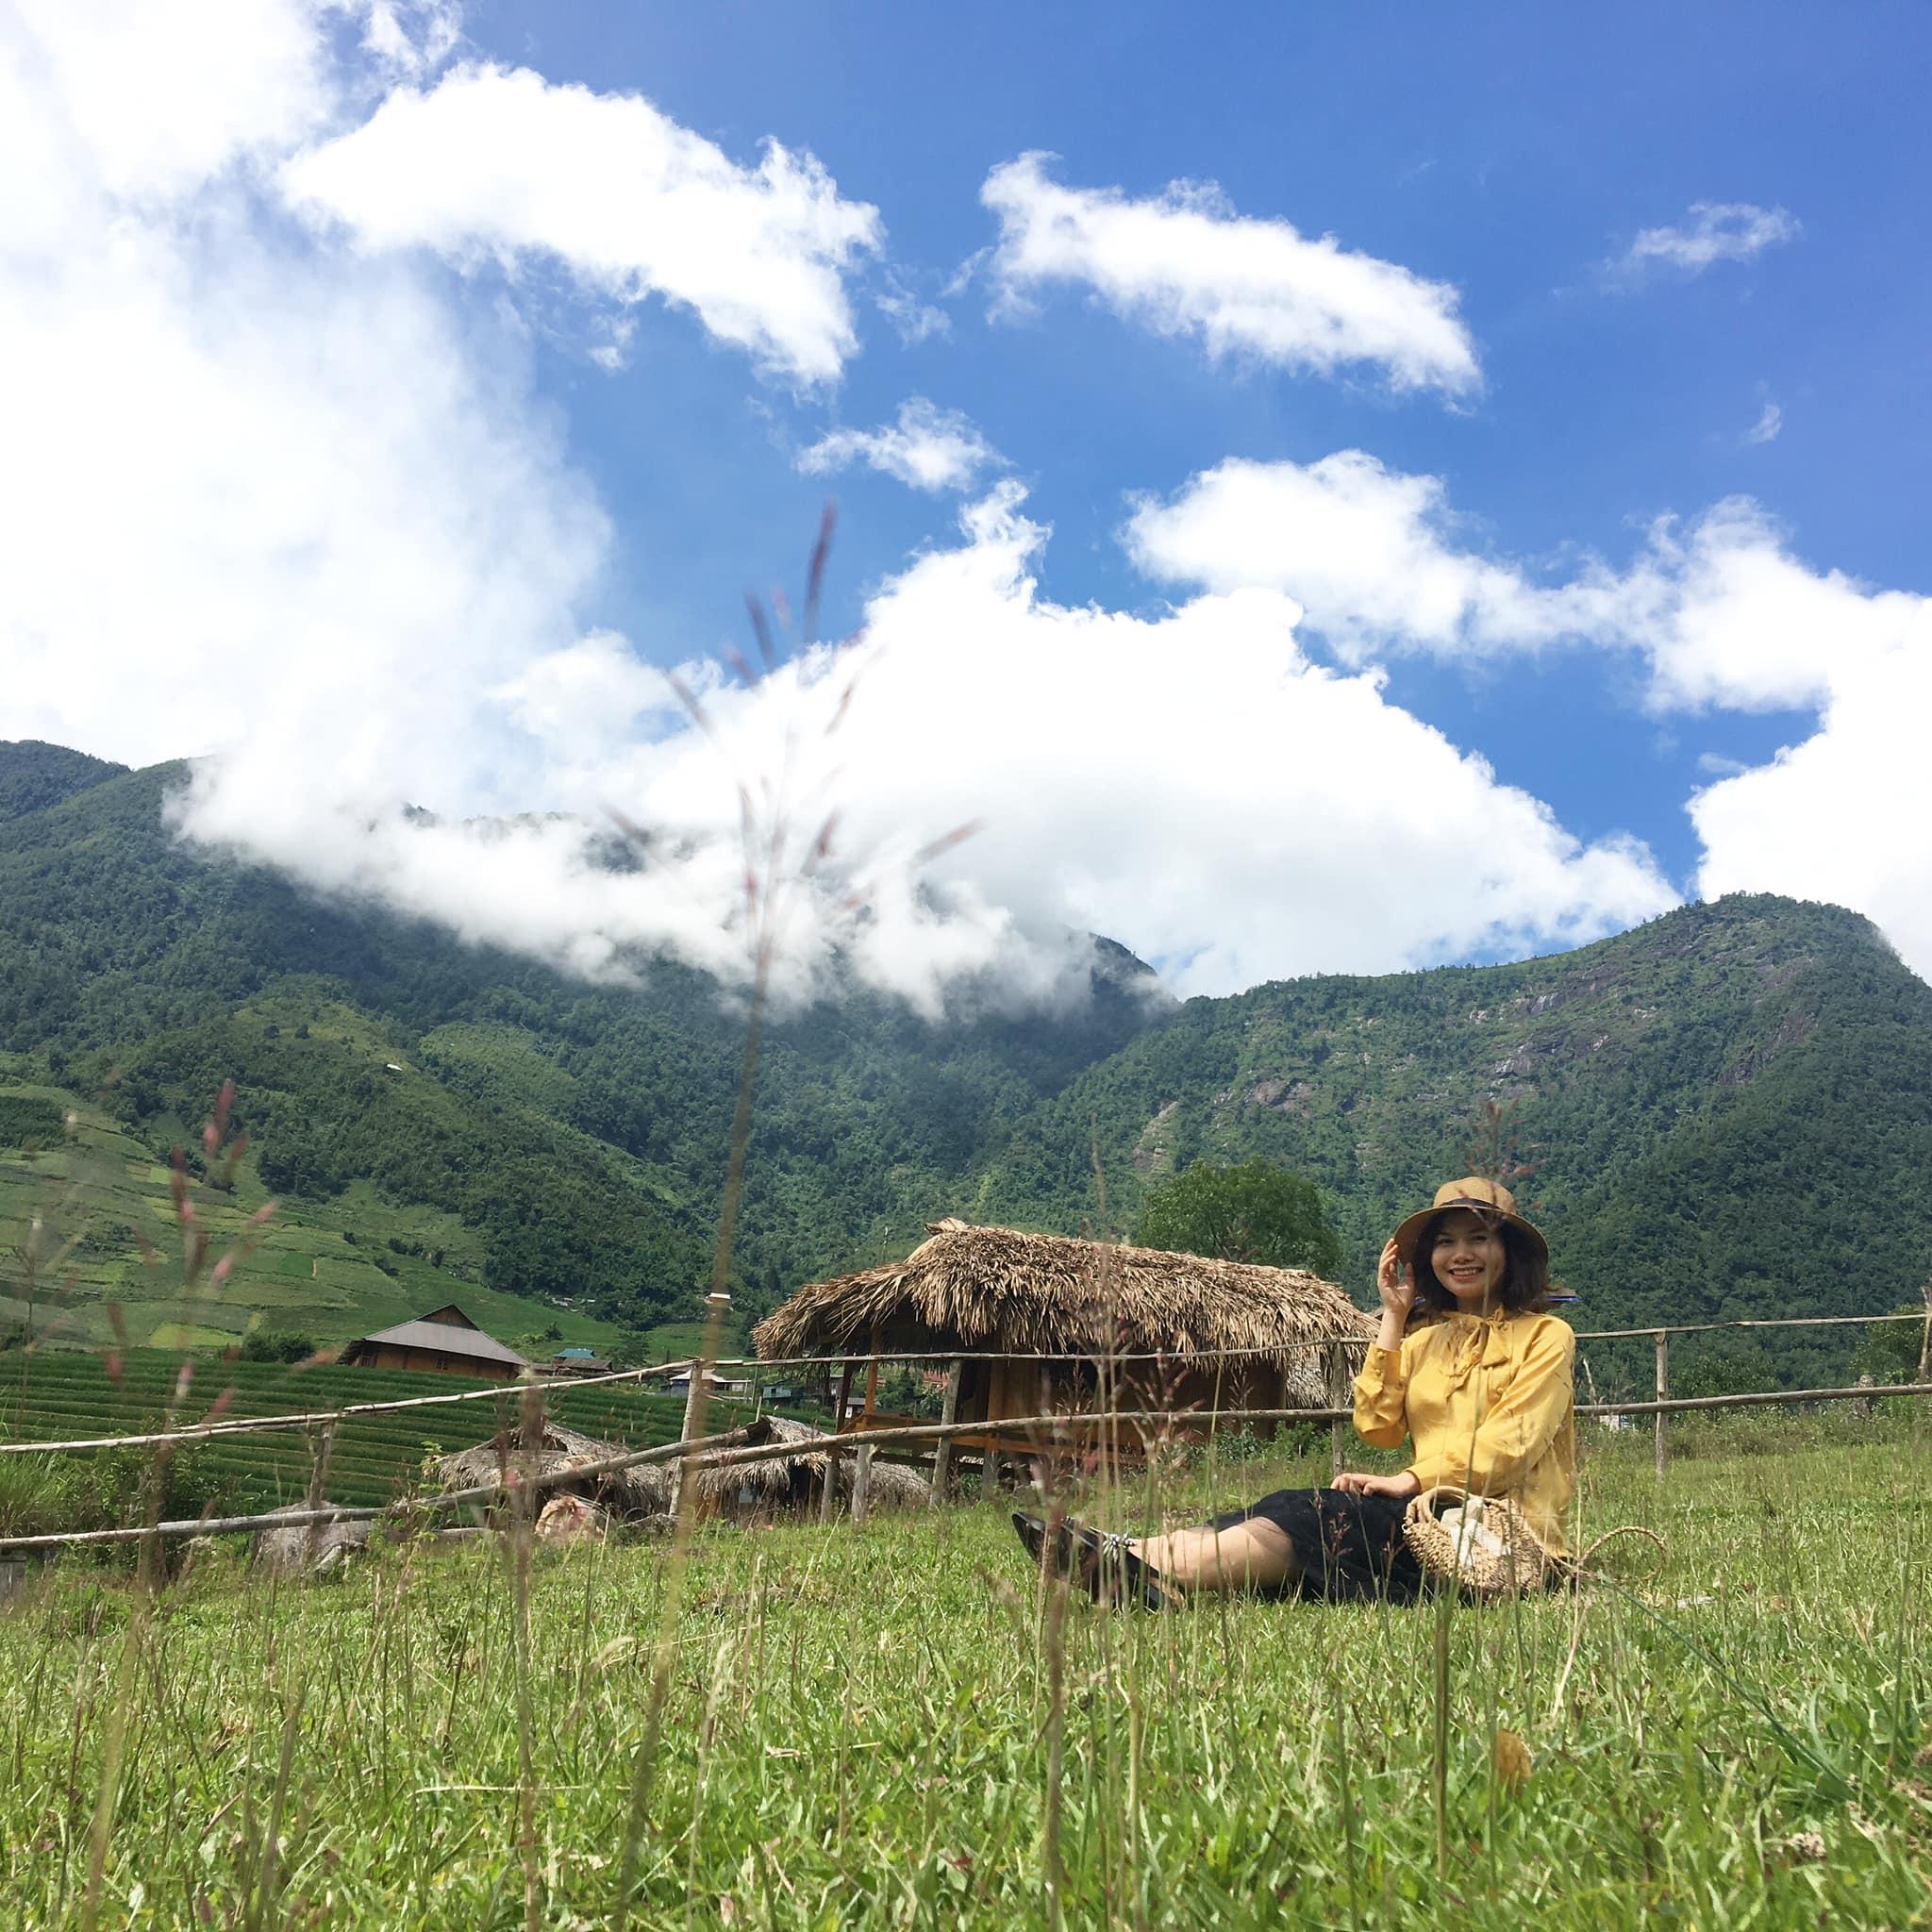 Tour du lịch Sapa từ Quảng Ninh: Rộn rã ngày hè với những gói tour cực ưu đãi  - Ảnh 8.